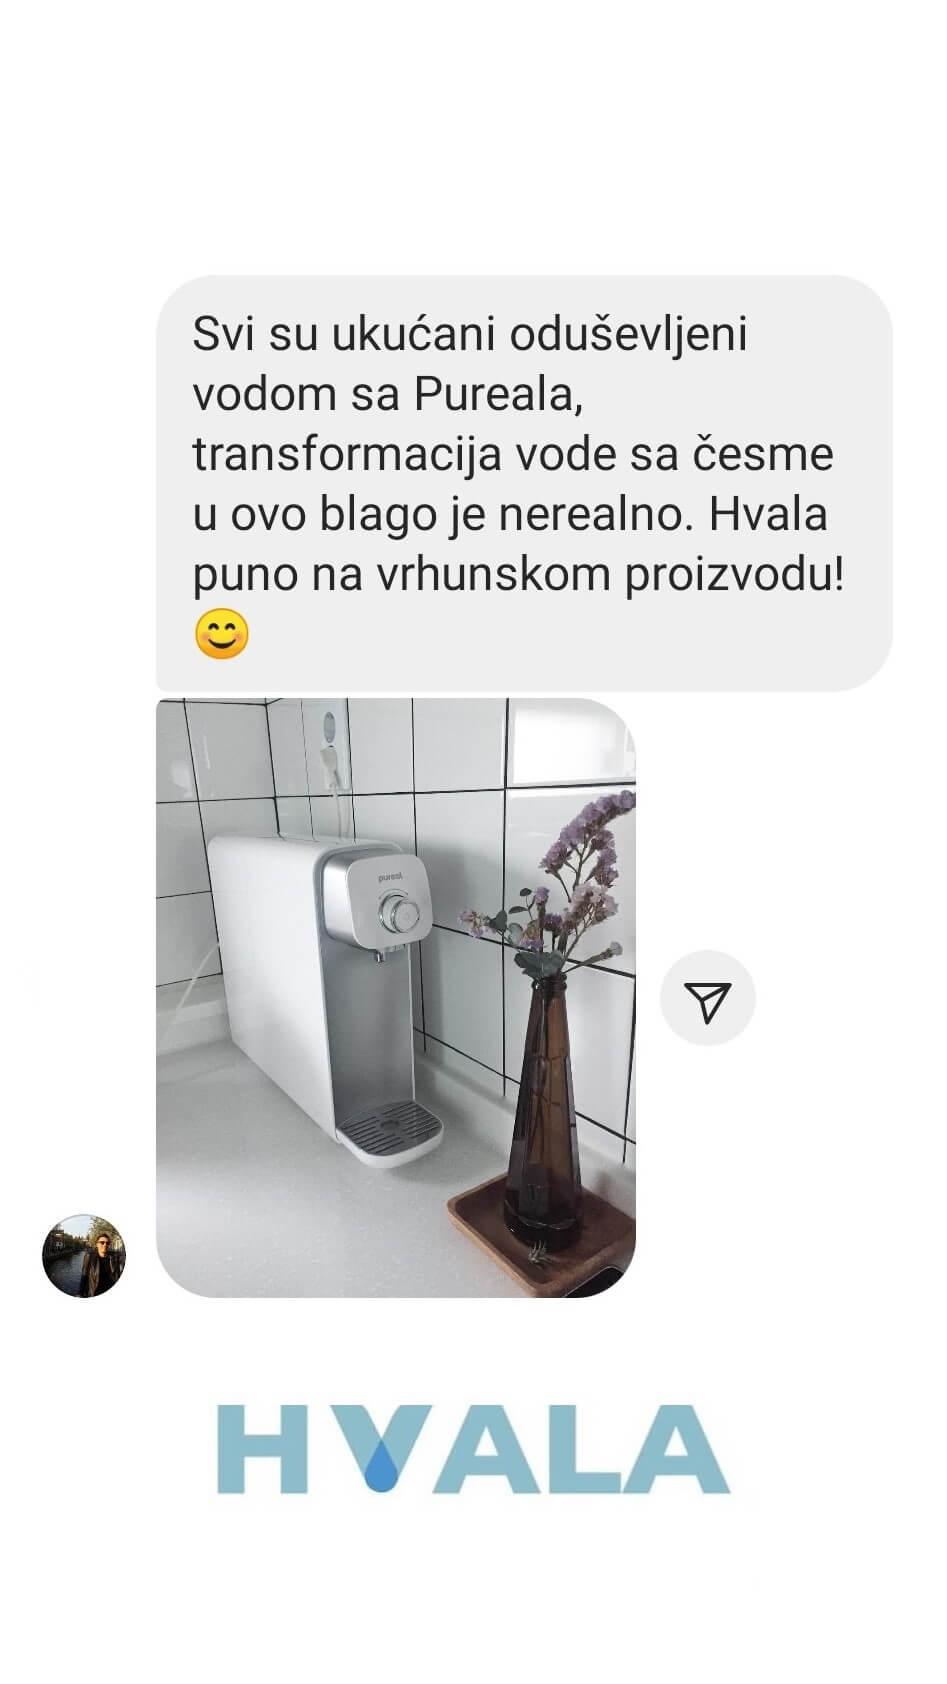 Pureal filter za vodu 9